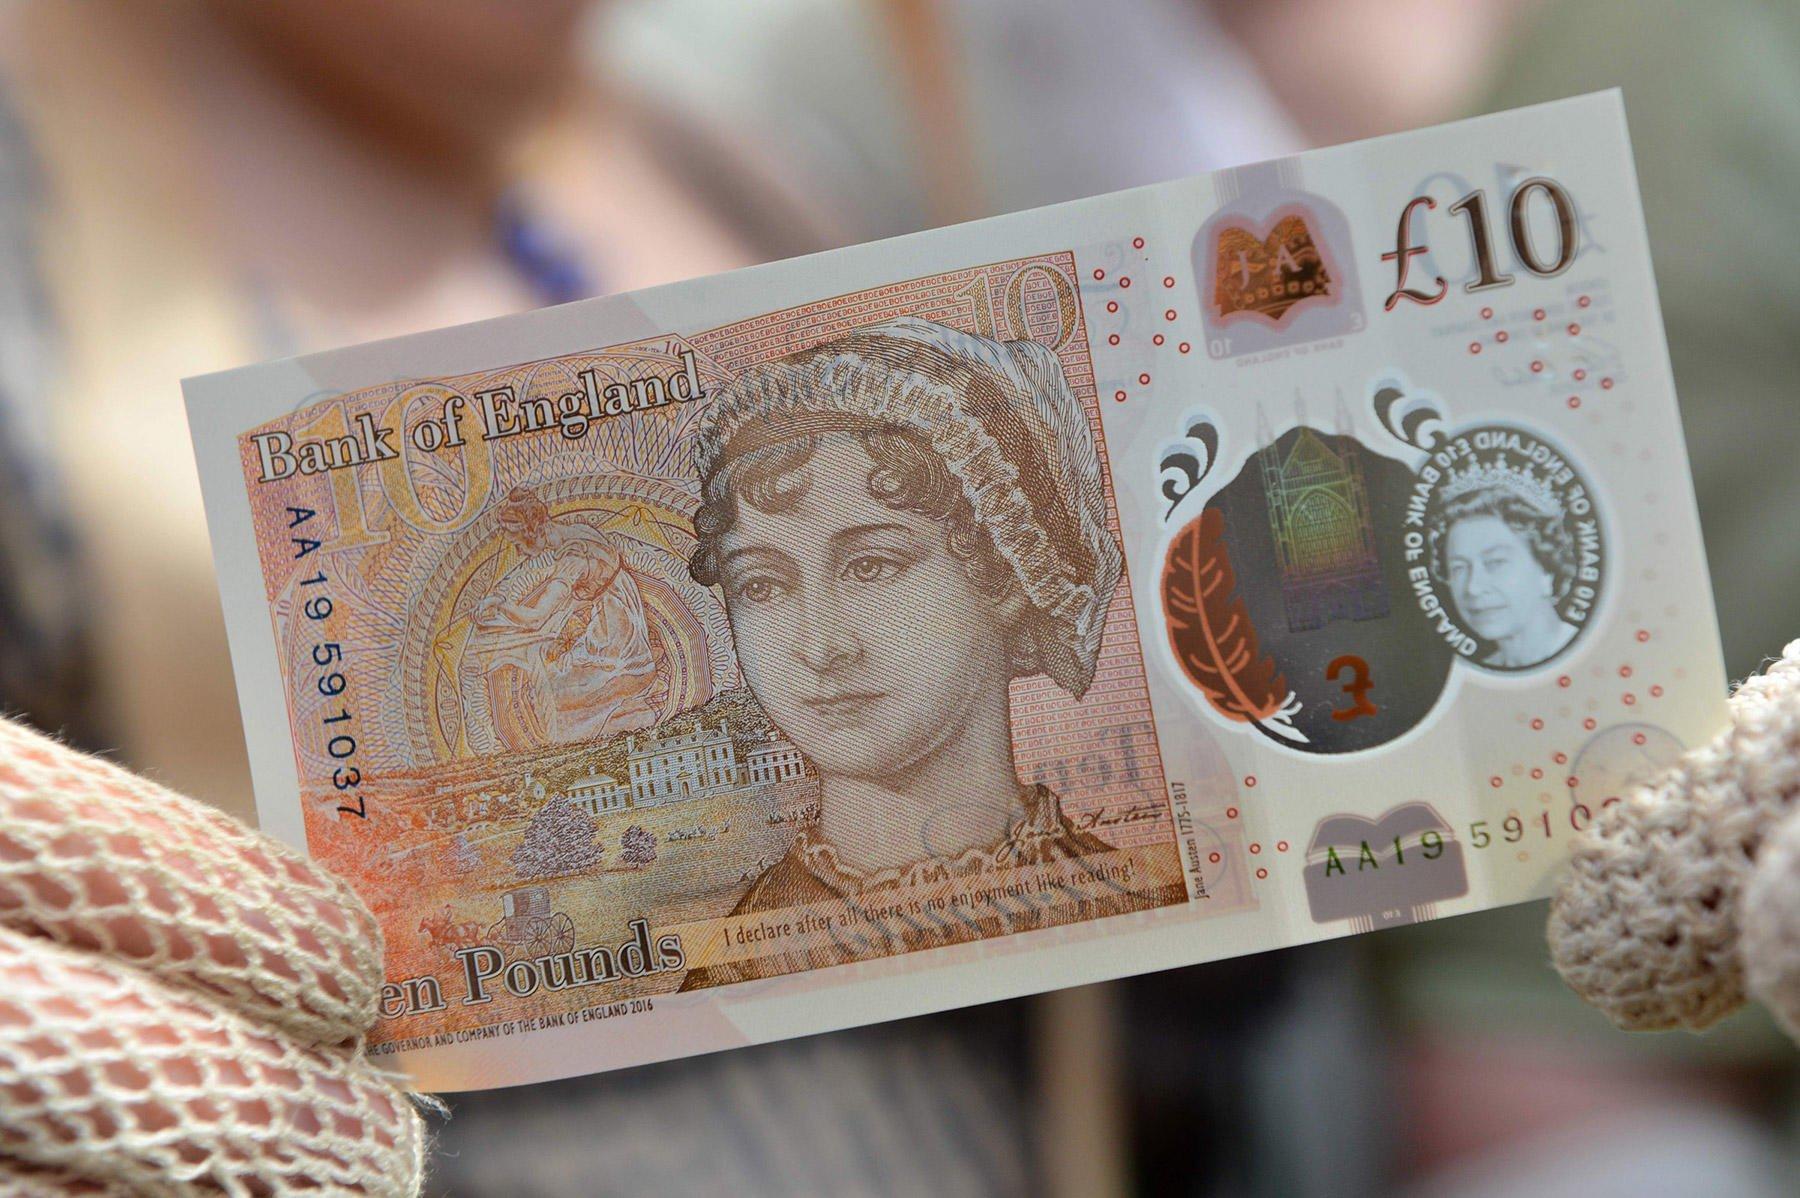 ВСоединенном Королевстве Великобритании вобращение вошли новые банкноты в £10